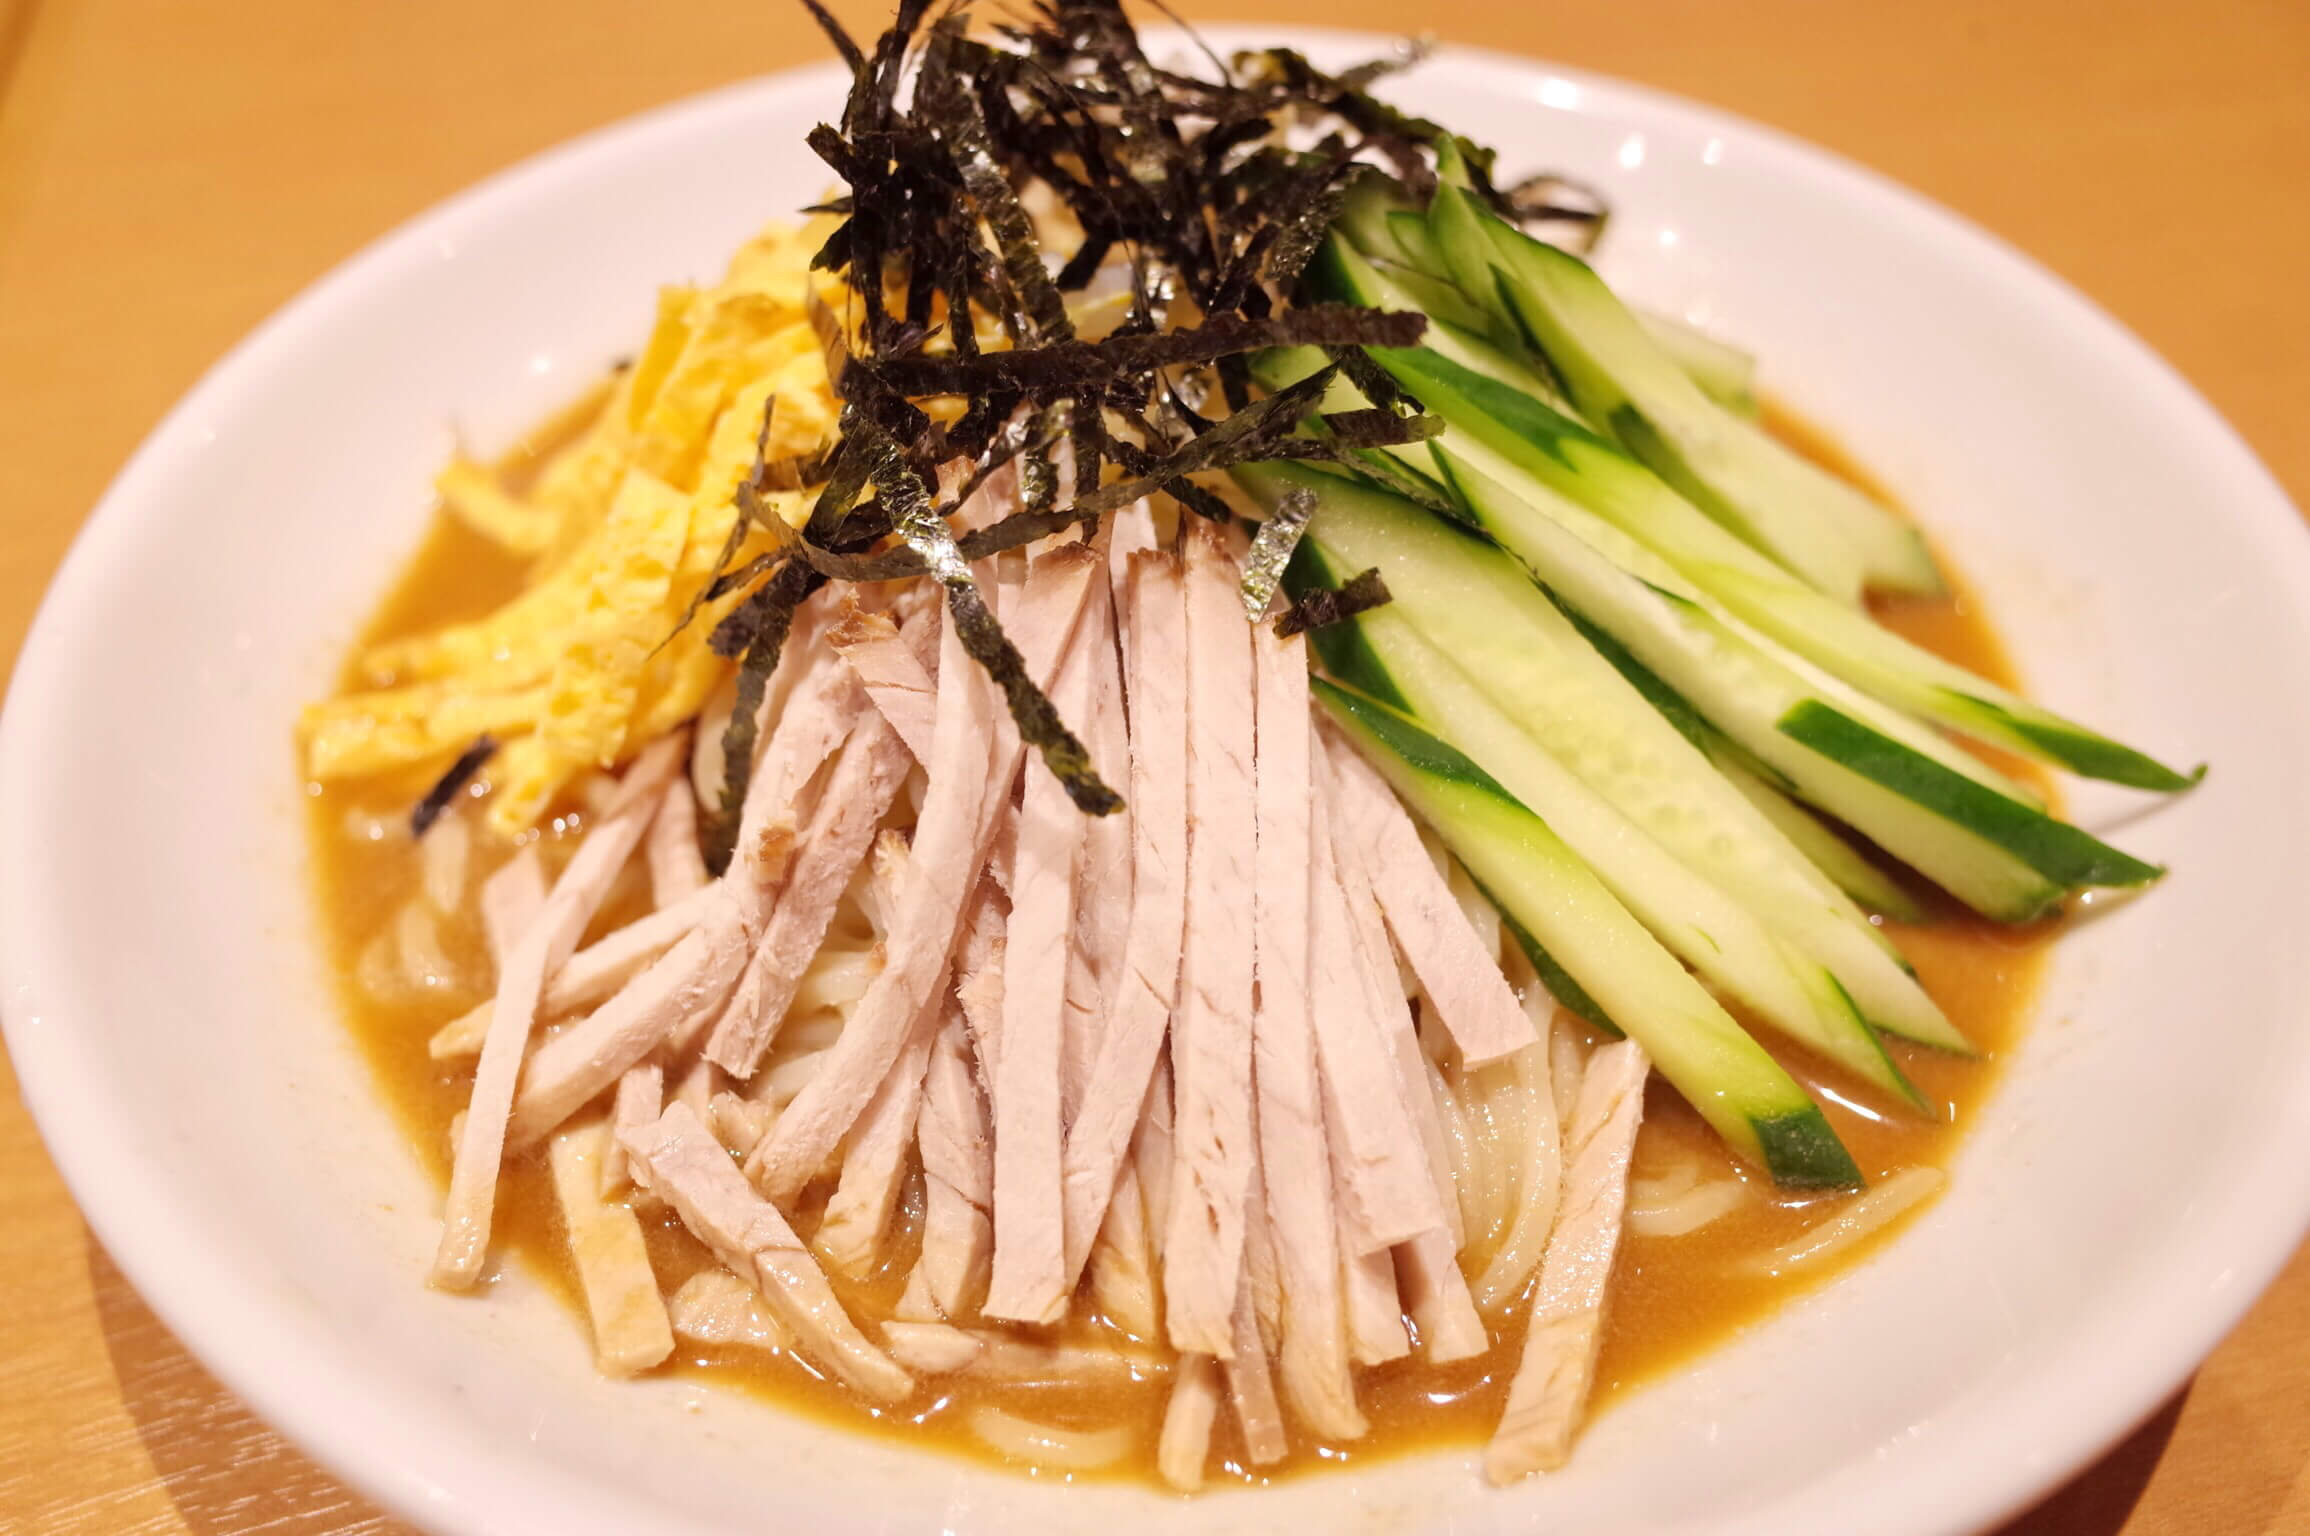 味仙 JR名古屋駅店で台湾らーめんと期間限定の冷やし中華にちょっとガッカリ